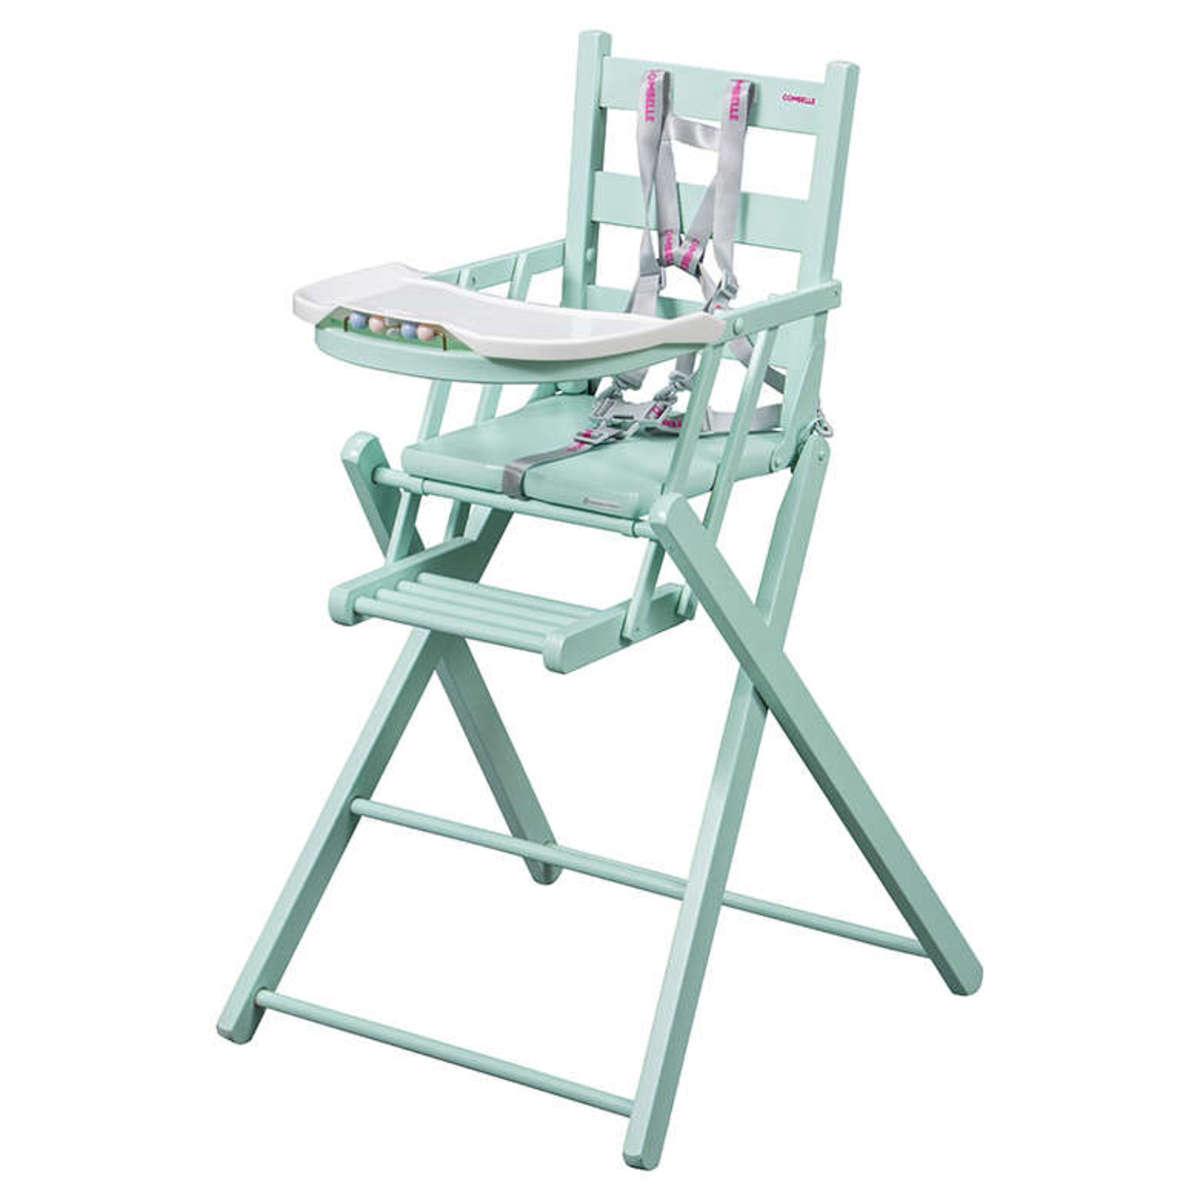 Chaise haute Chaise Haute Extra-Pliante Sarah - Vert Menthe Chaise Haute Extra-Pliante Sarah - Vert Menthe